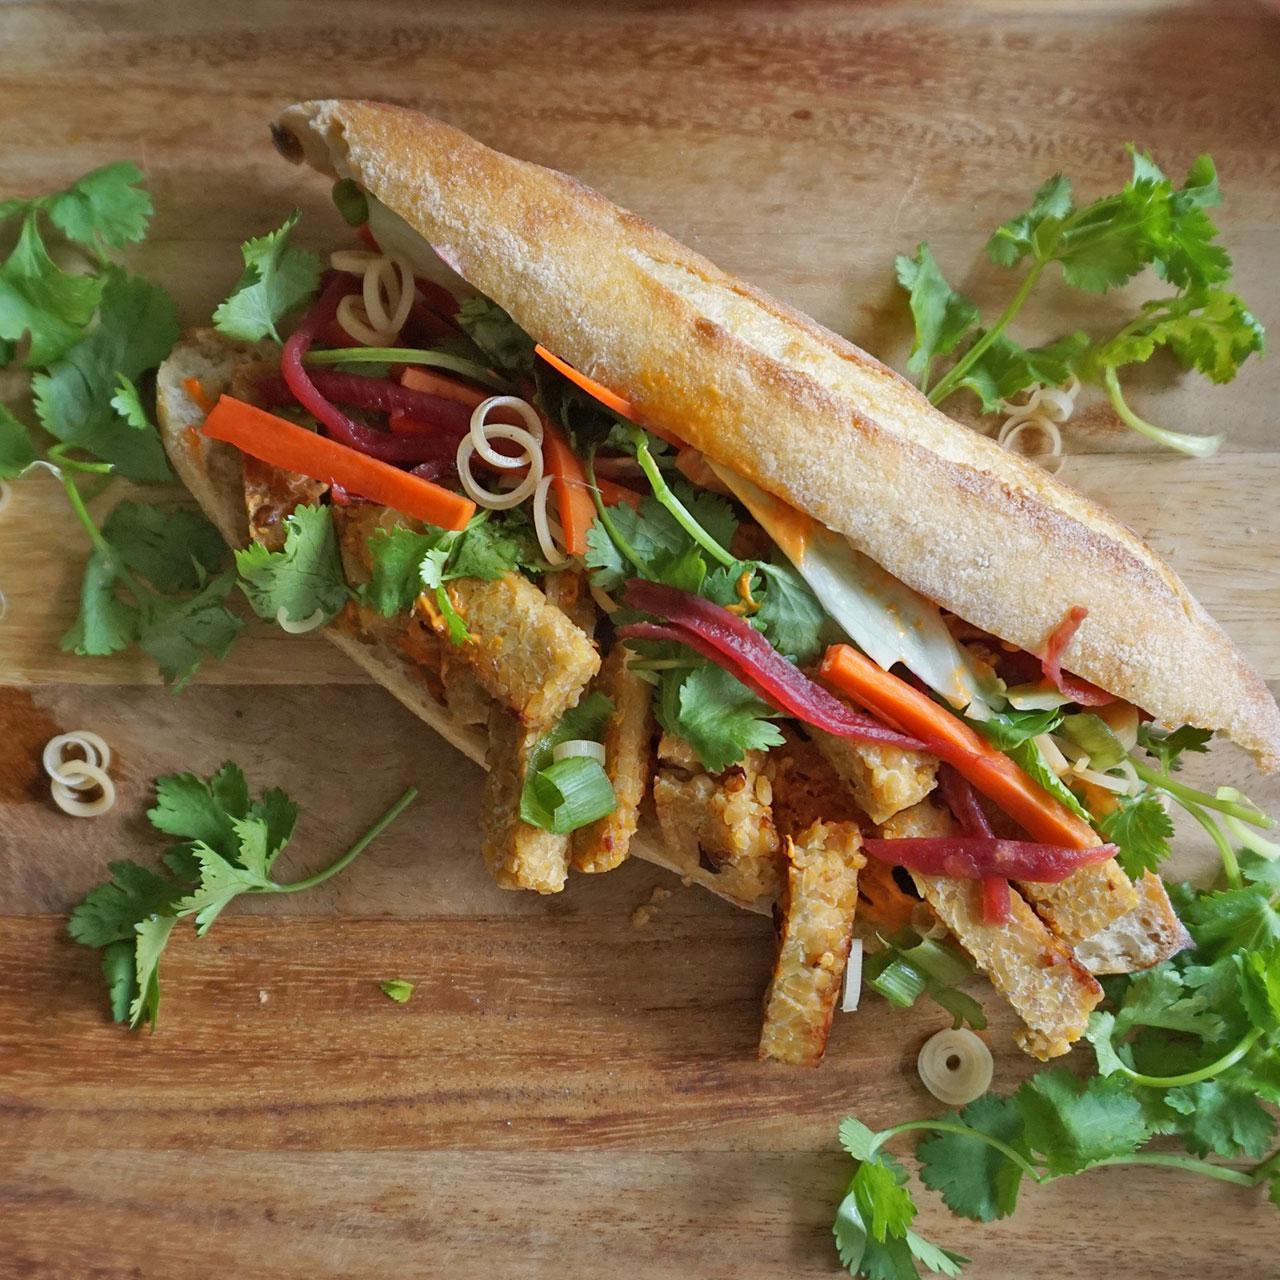 Laos Khao Jee Sandwich